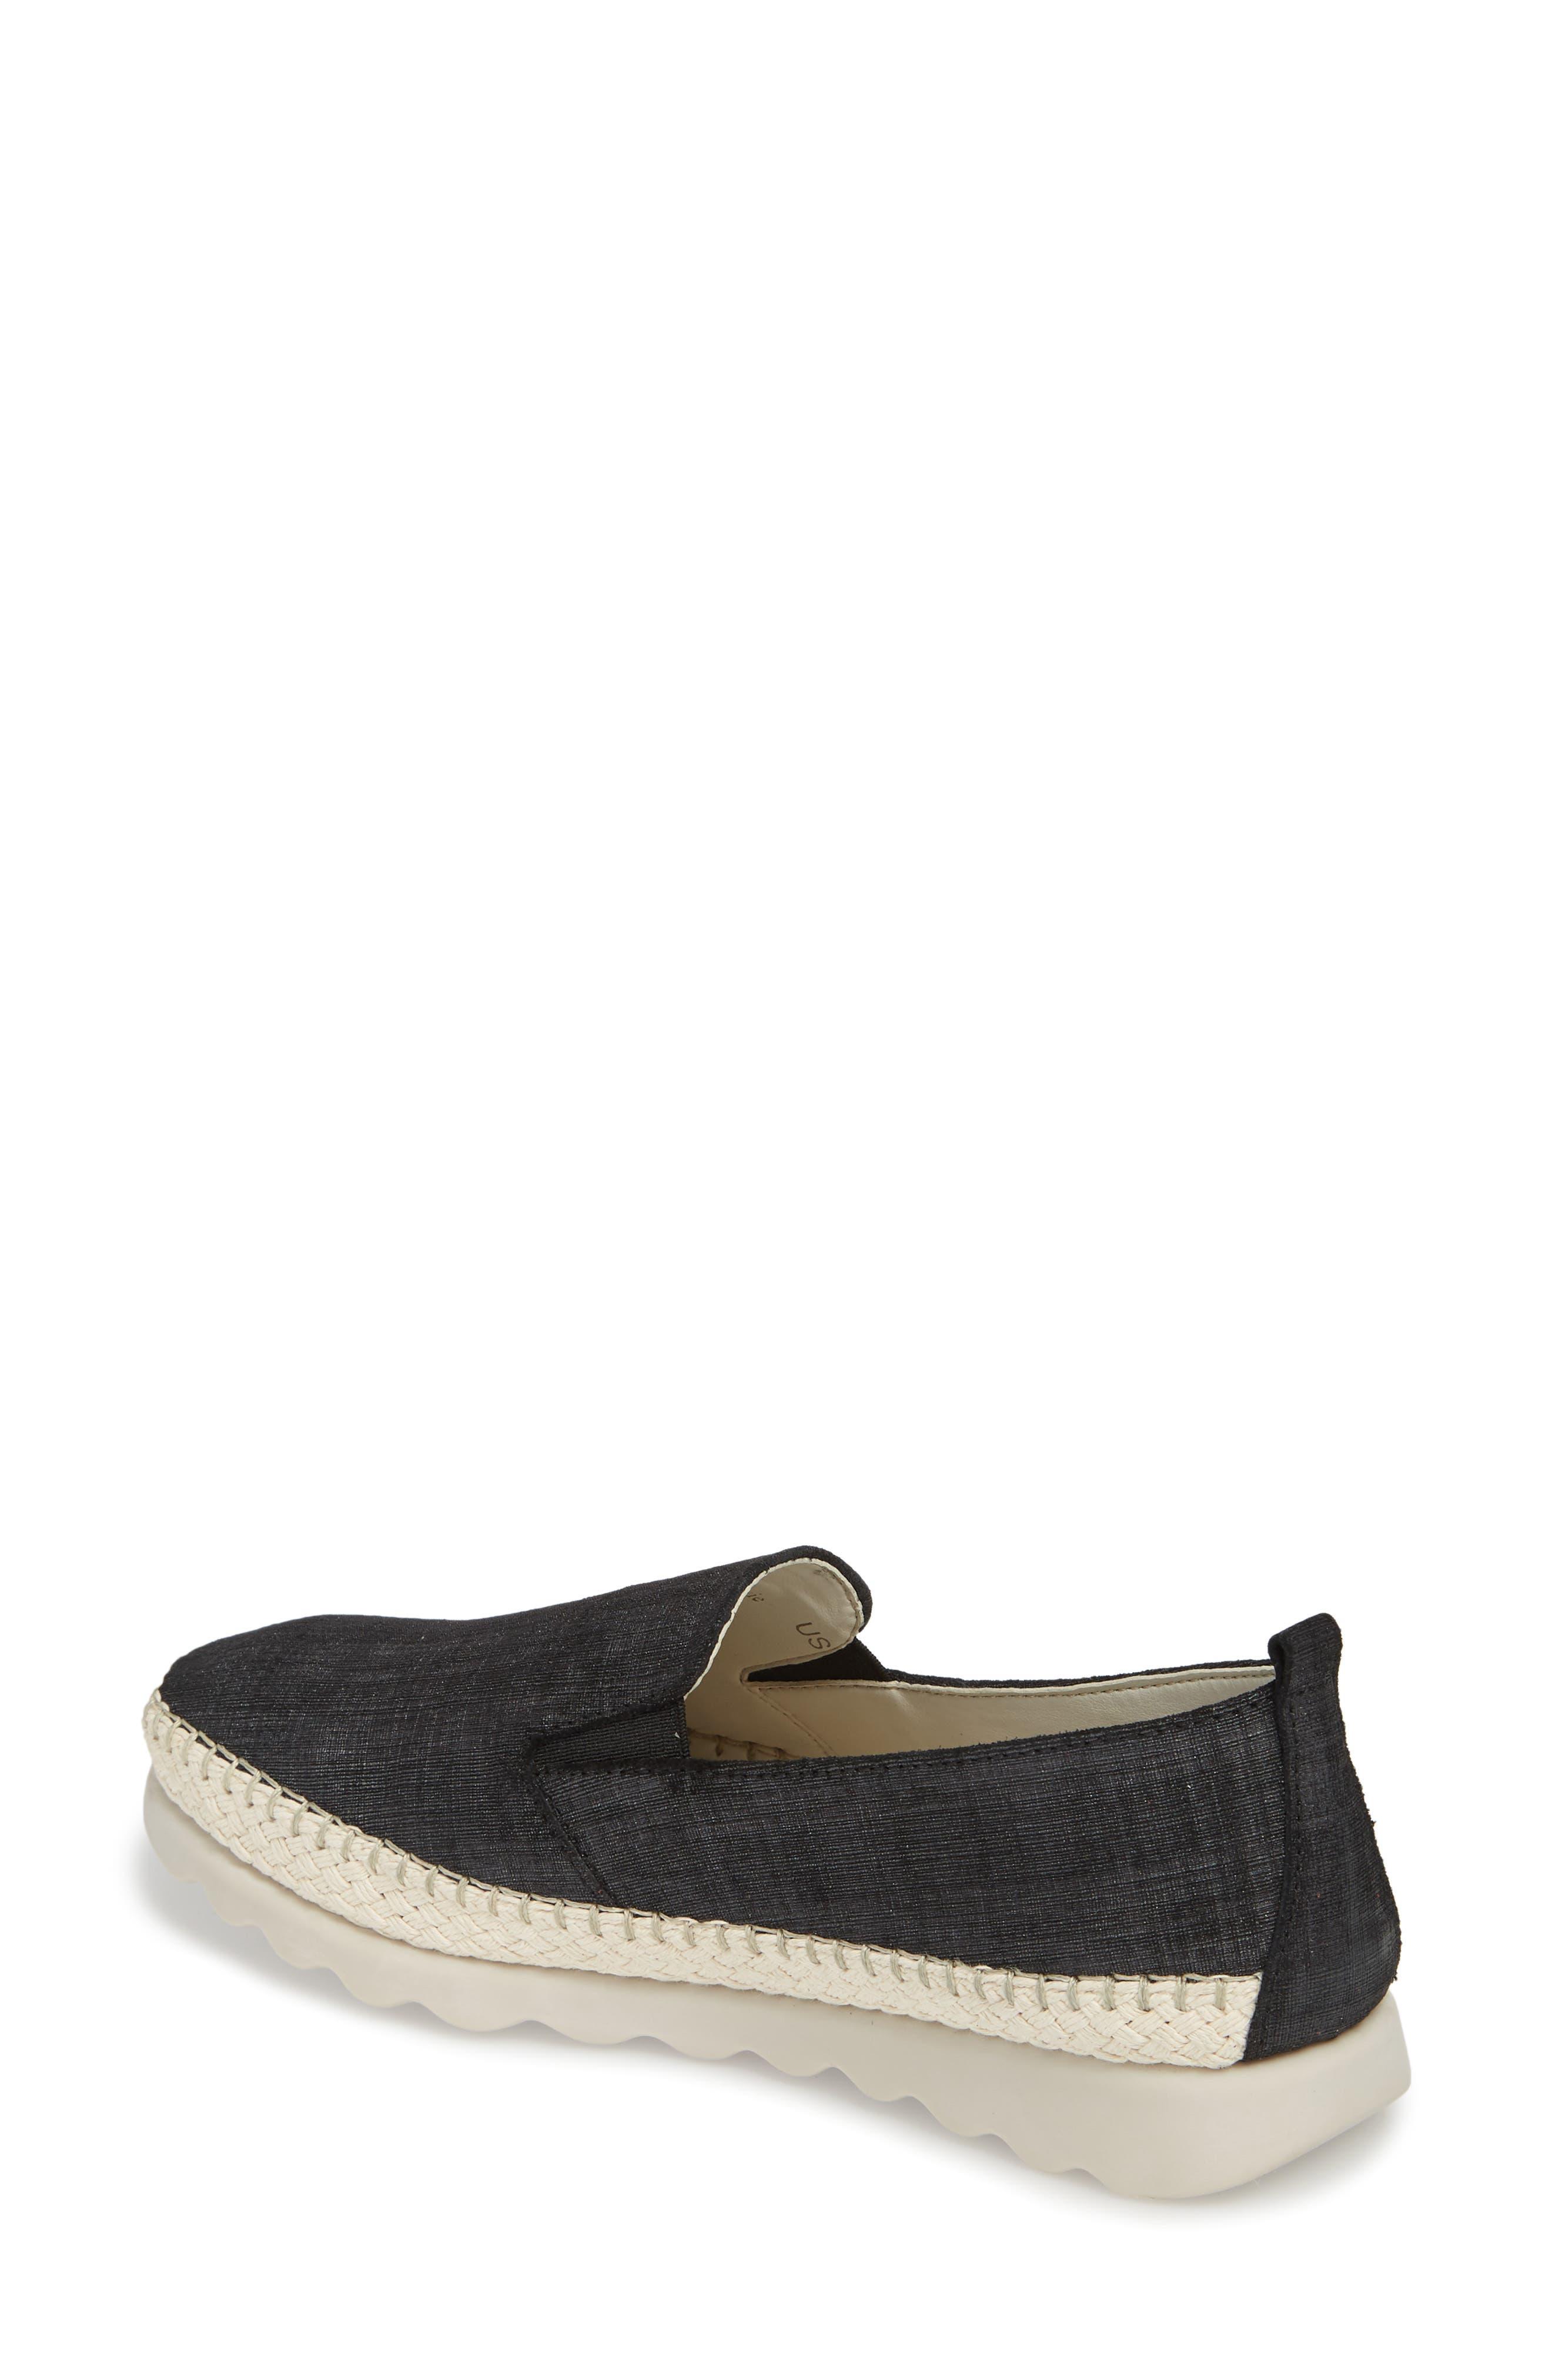 Chappie Slip-On Sneaker,                             Alternate thumbnail 8, color,